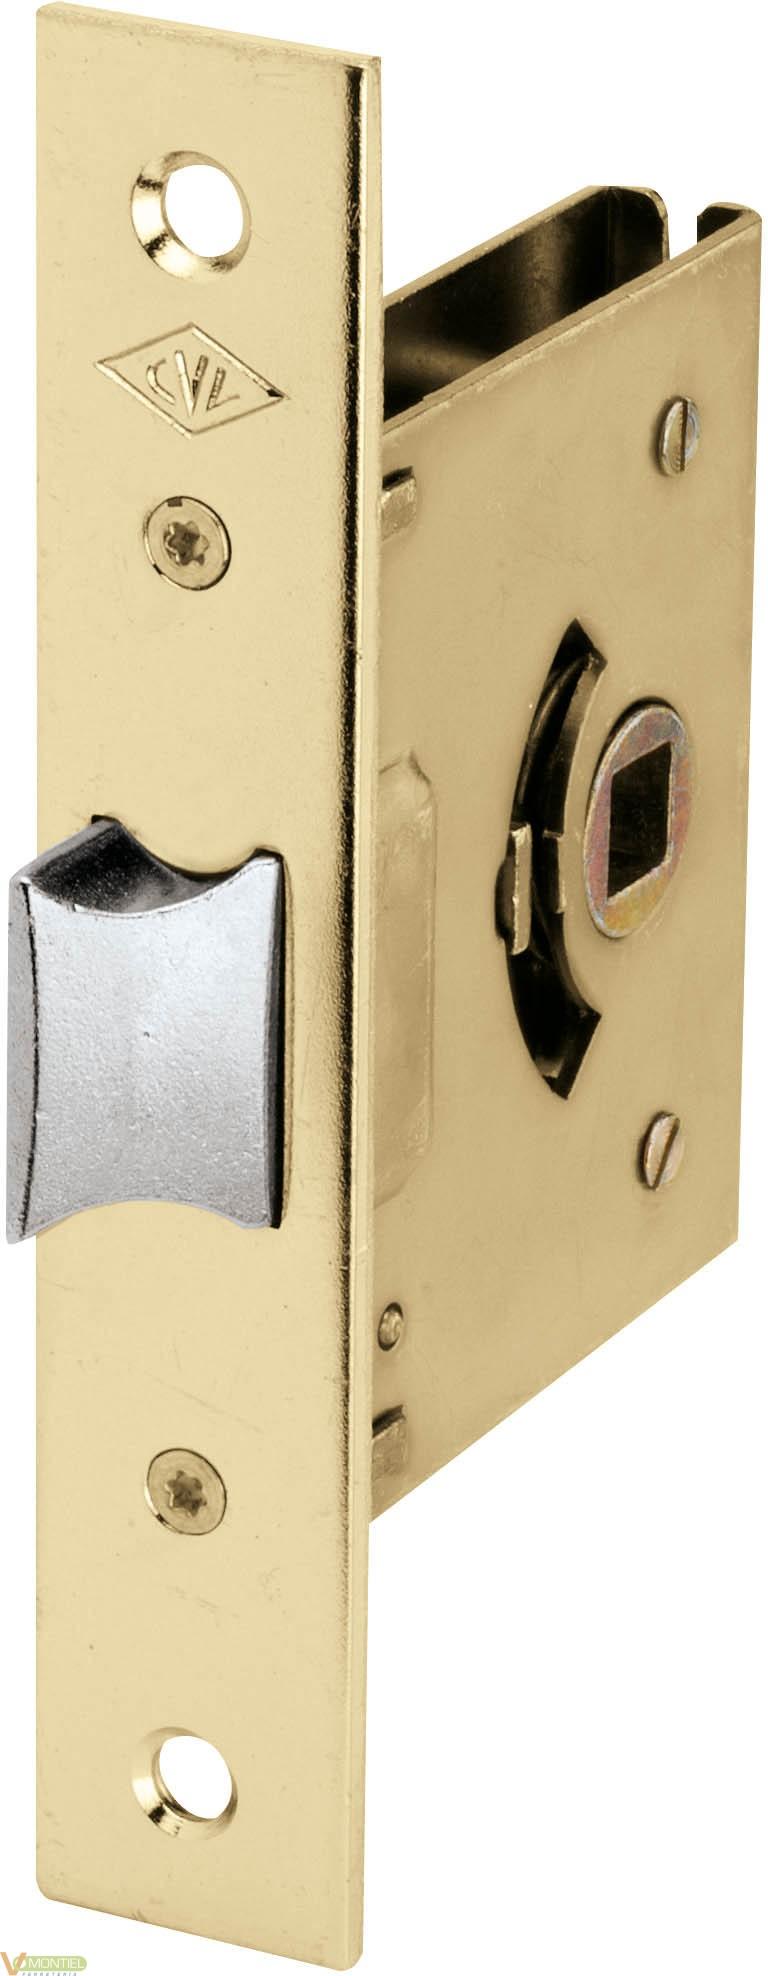 Picaporte pta 22x50mm 249c70/2-0